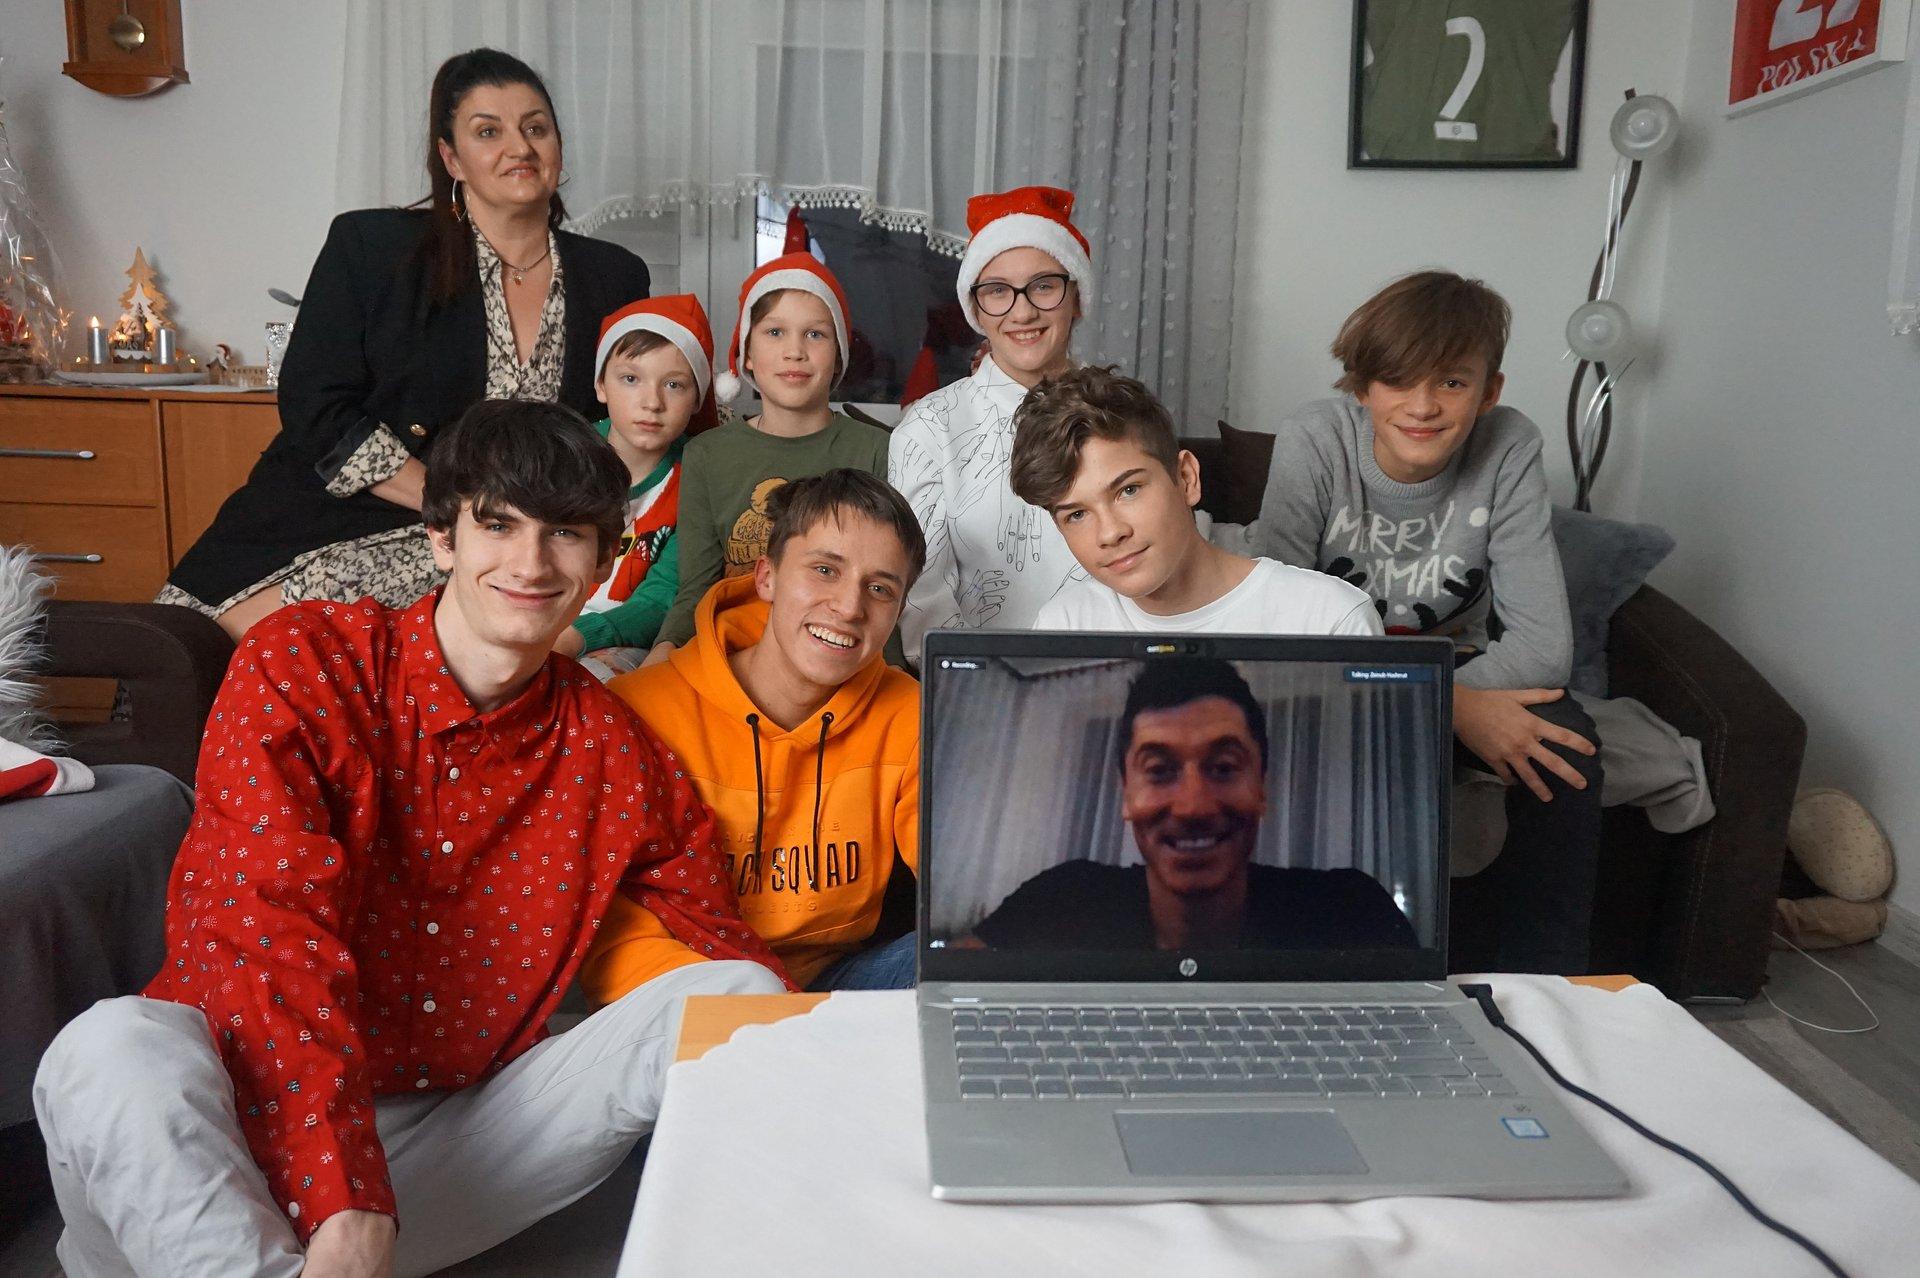 #Pierwsze takie Święta        - Robert Lewandowski zrobił mikołajkową niespodziankę podopiecznym SOS Wiosek Dziecięcych.